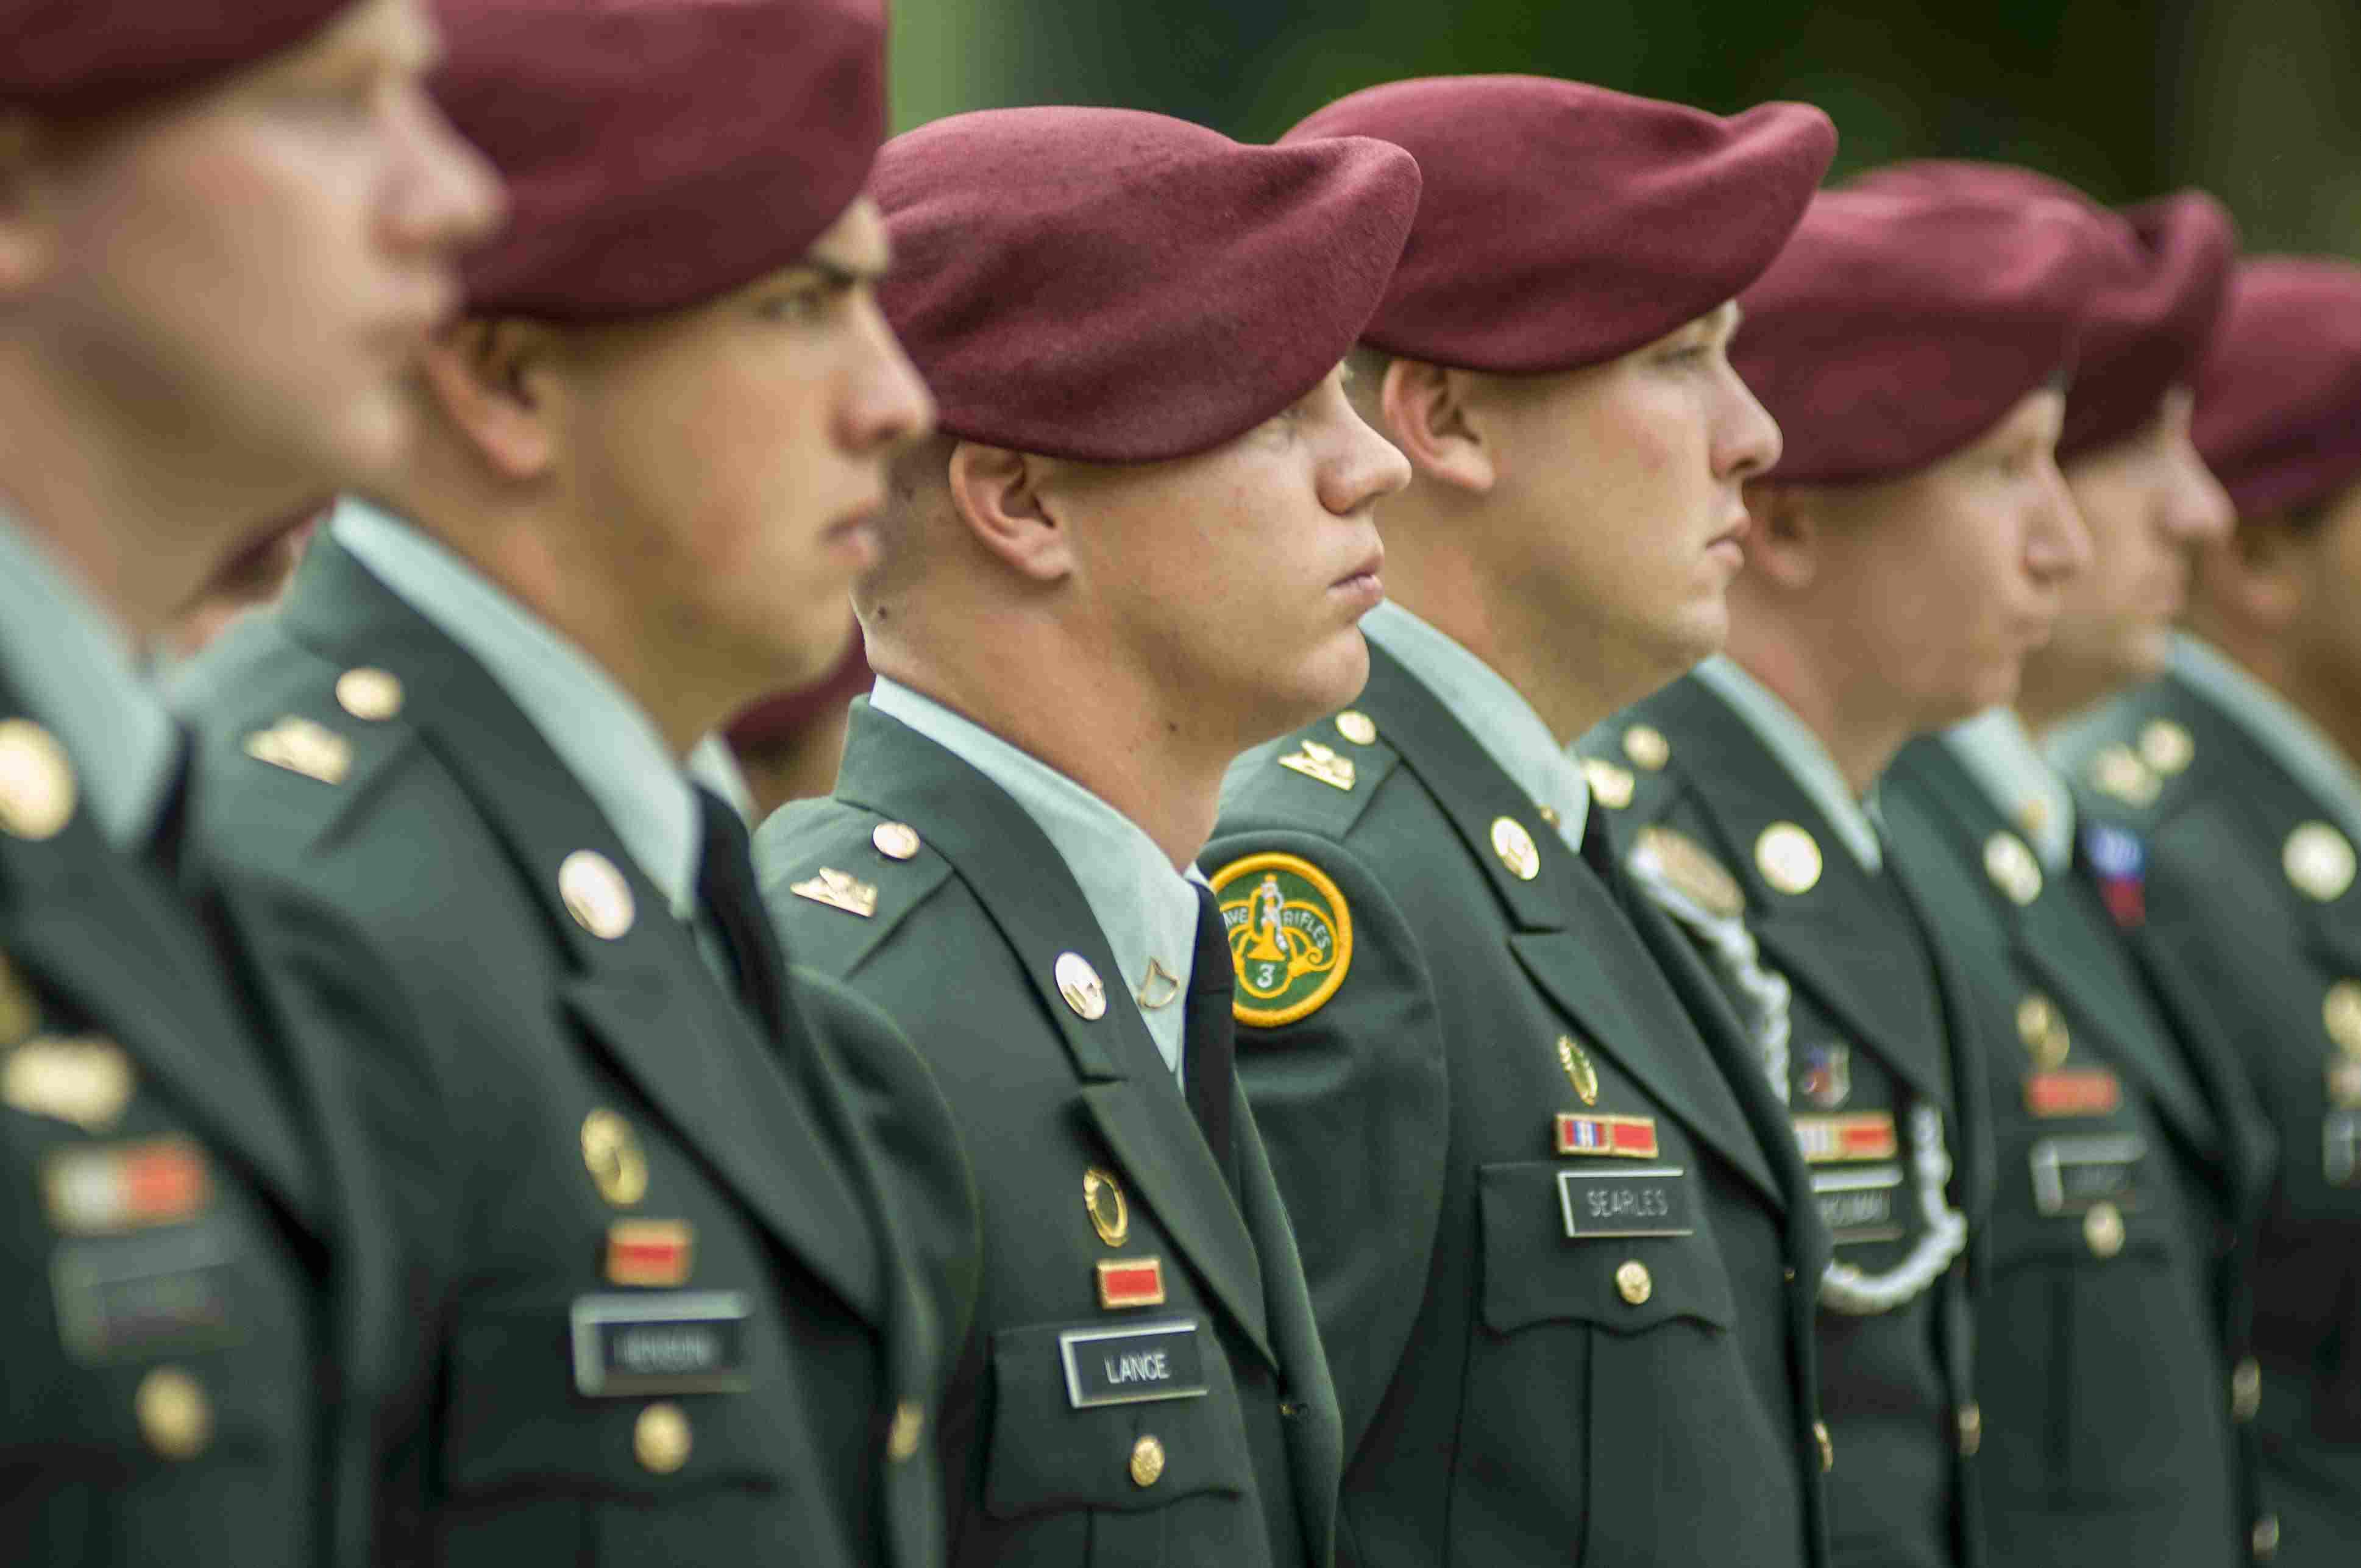 Memorial Day at American war cemetery